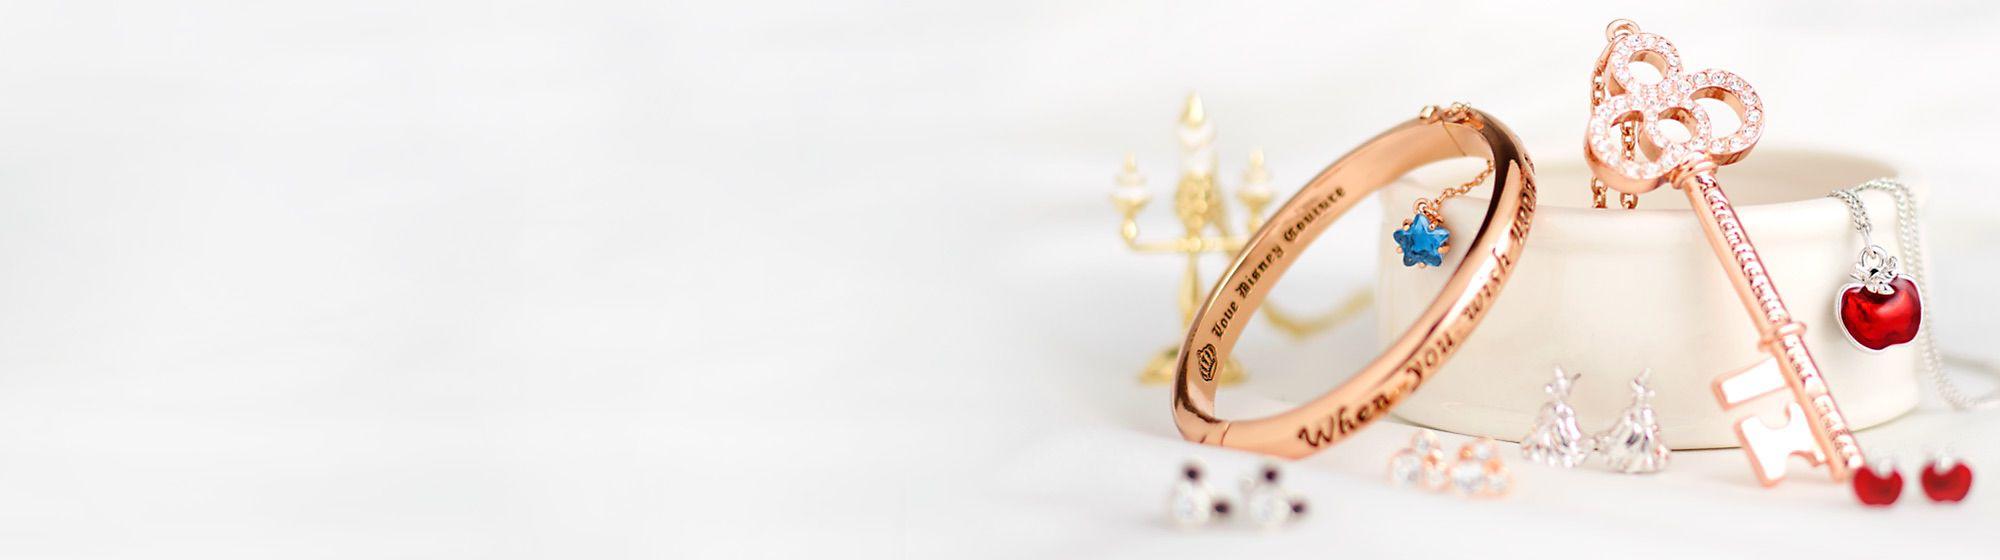 Gioielli Mostra il tuo stile Disney con la nostra speciale collezione di gioielli, orecchini, bracciali e collane dai dettagli ricercati